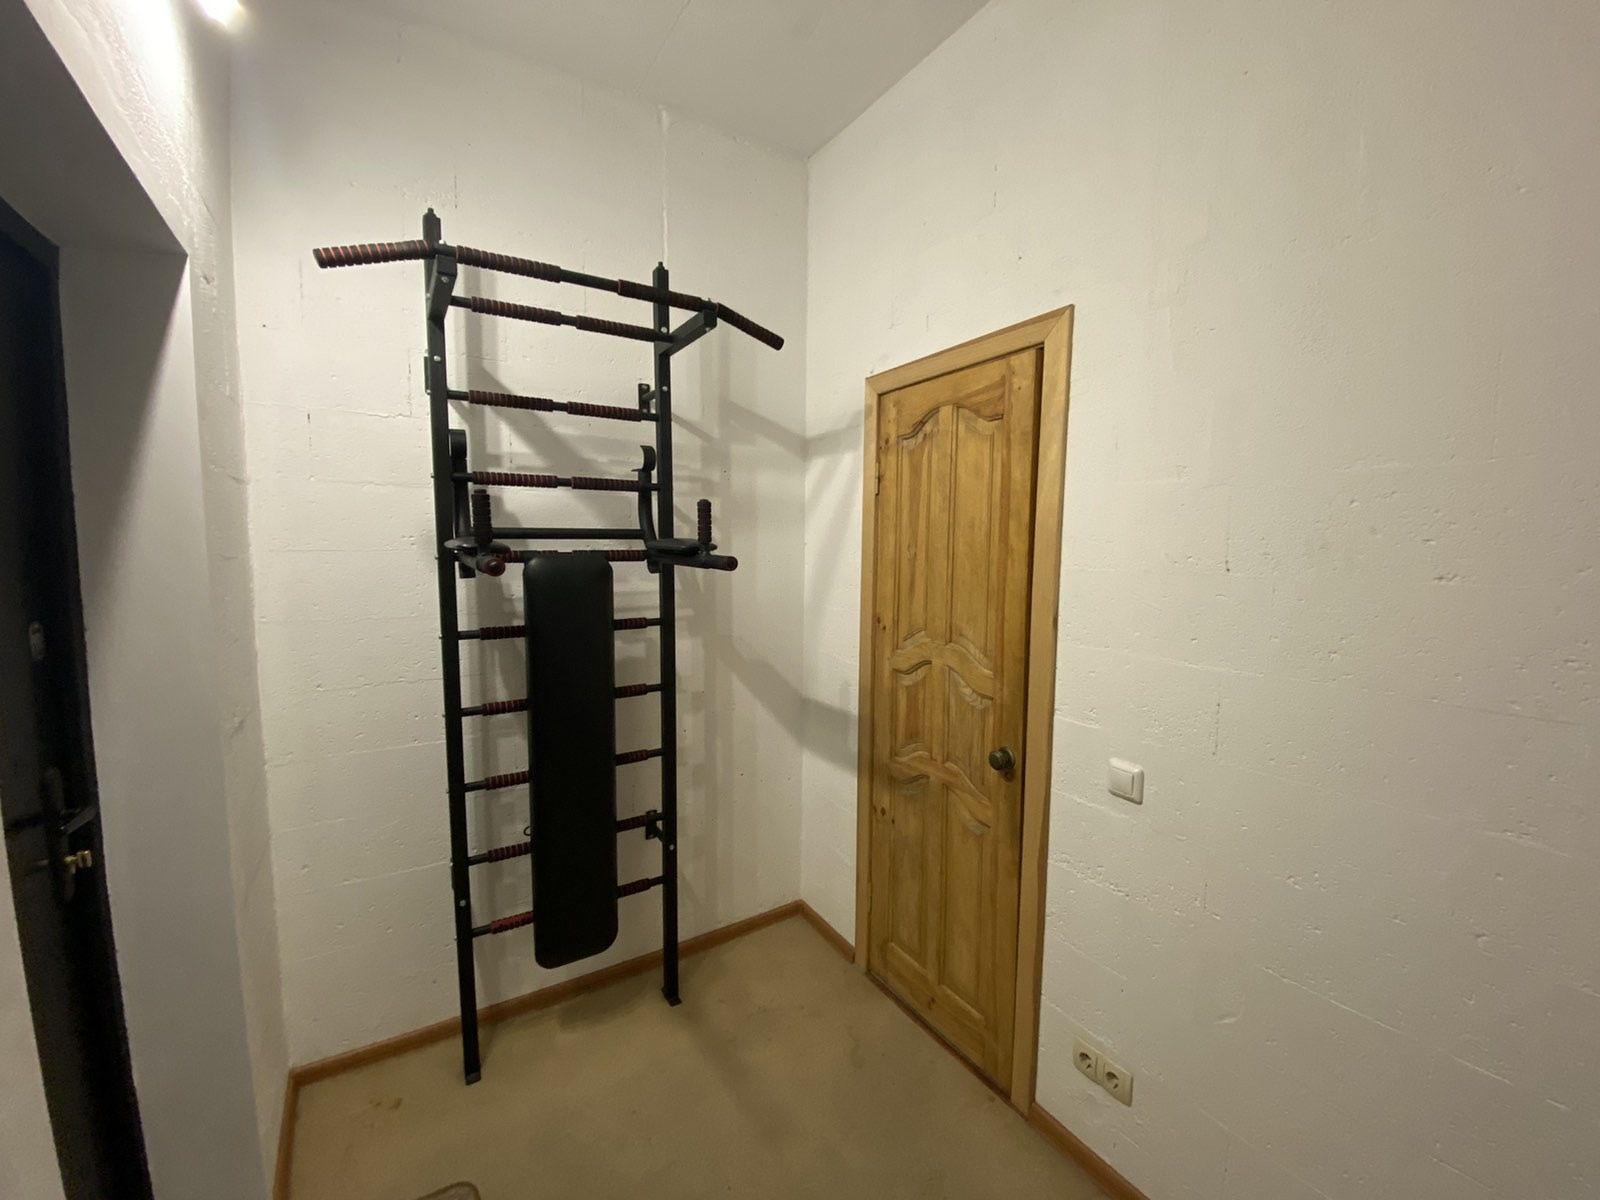 Квартира W-6020573, Хоткевича Гната (Красногвардейская), 12, Киев - Фото 13